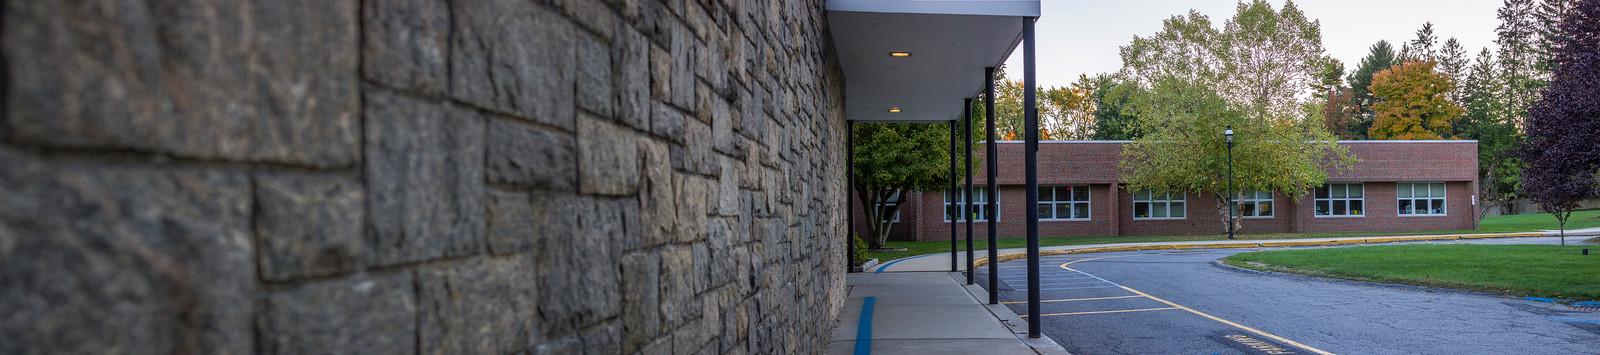 OUFSD School Buildings